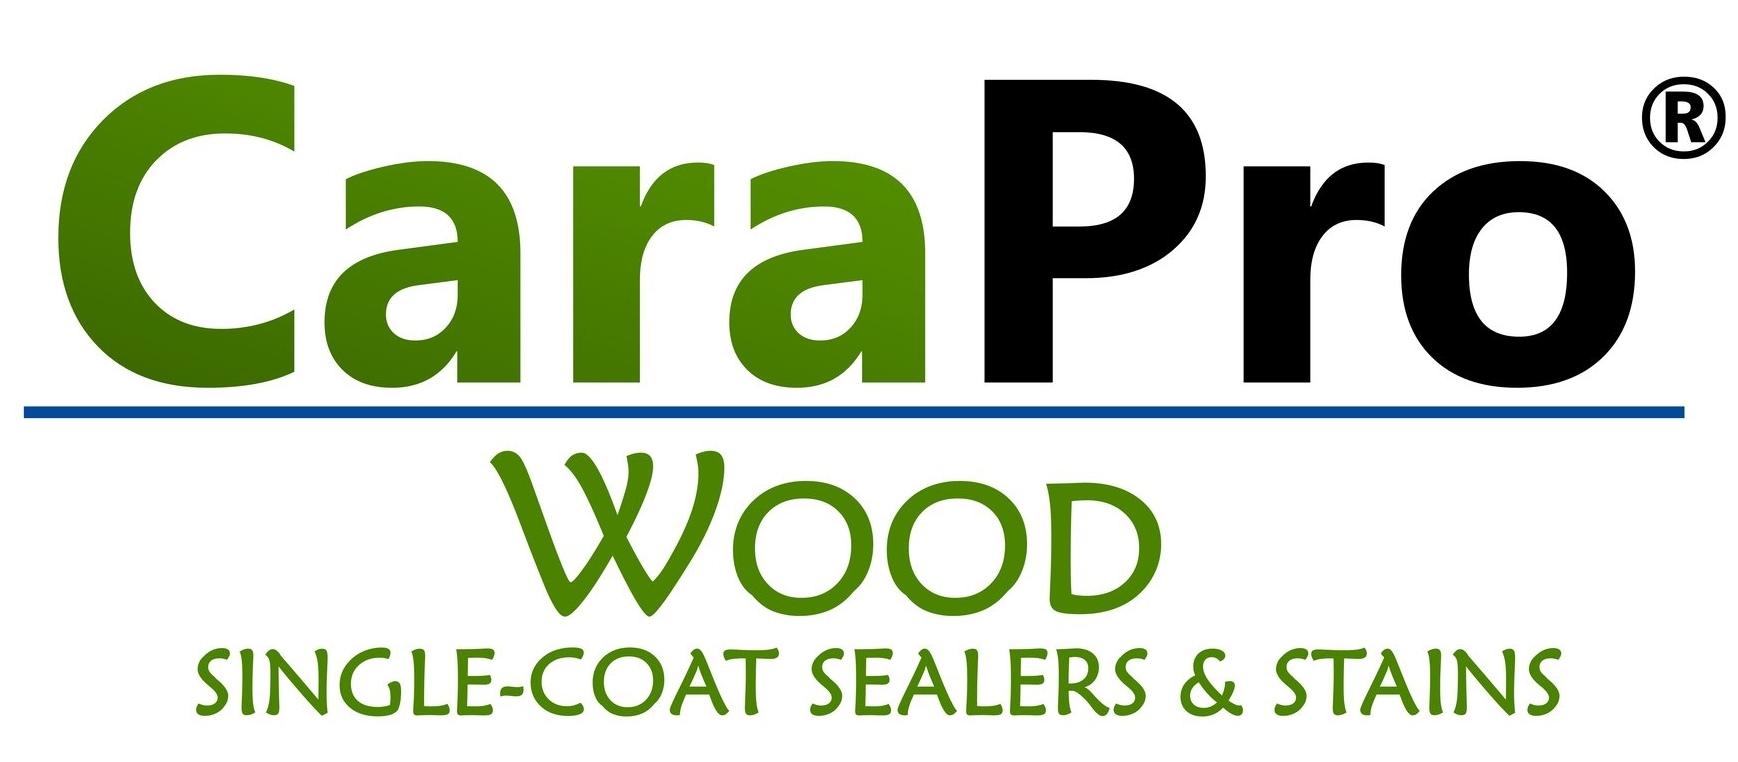 CaraPro Wood Single Coat Sealers & Stains.jpg